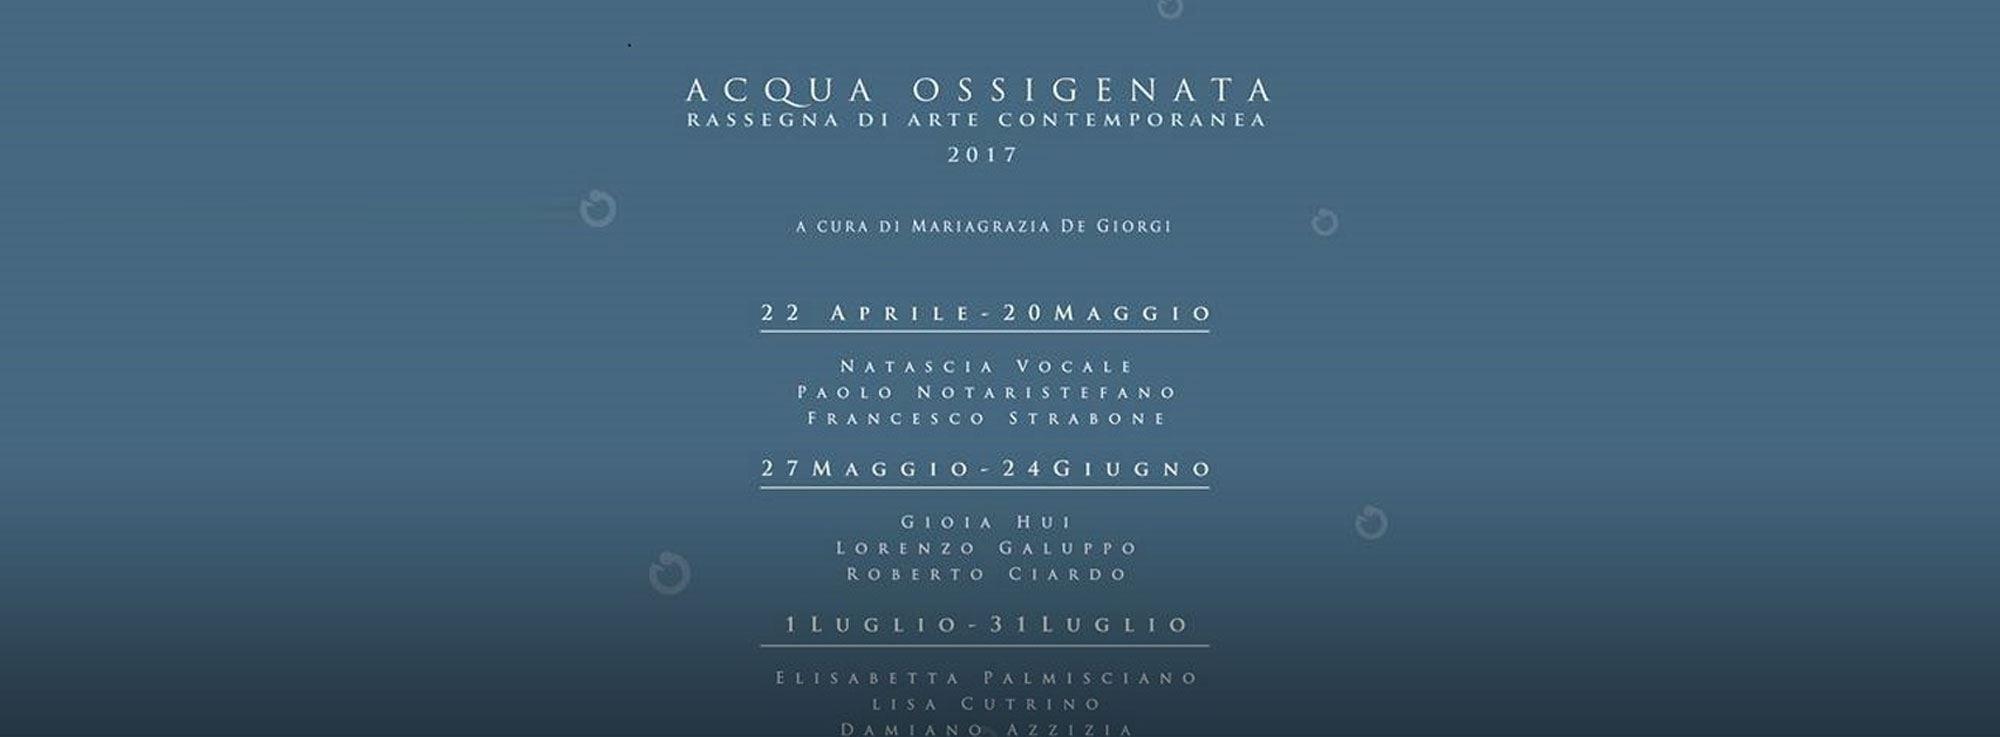 Barletta: Acqua ossigenata - rassegna d'arte contemporanea